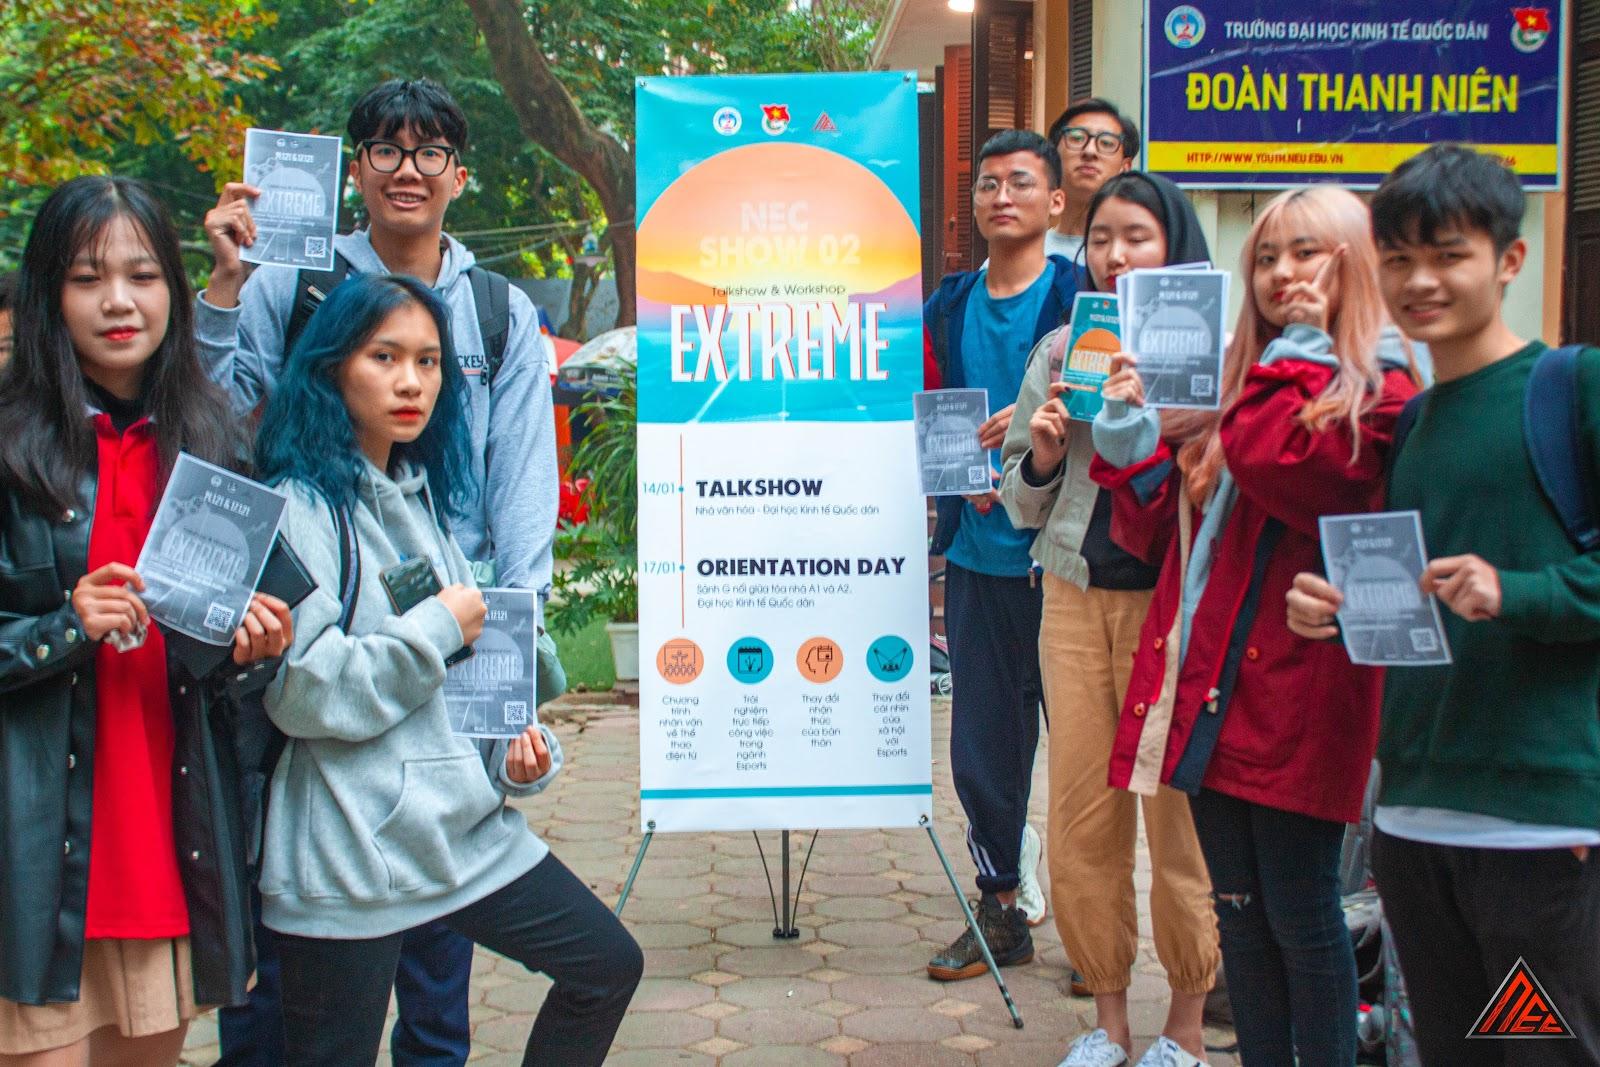 Các bạn sinh viên quan tâm đến sự kiện tại bàn Truyền thông của EXTREME